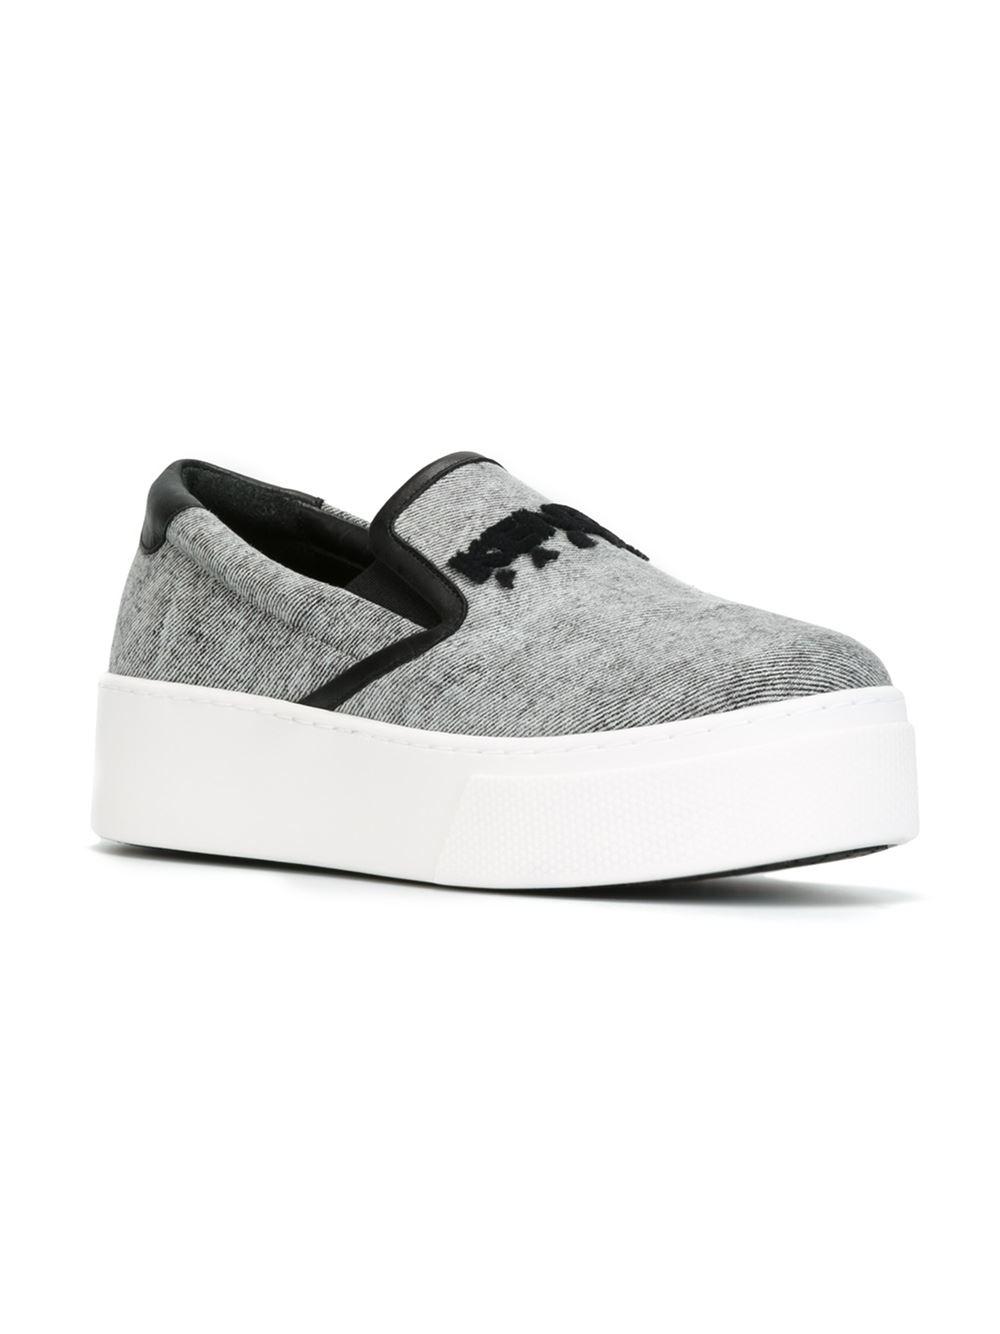 Kenzo Paris Slip On Sneakers In Gray Grey Lyst